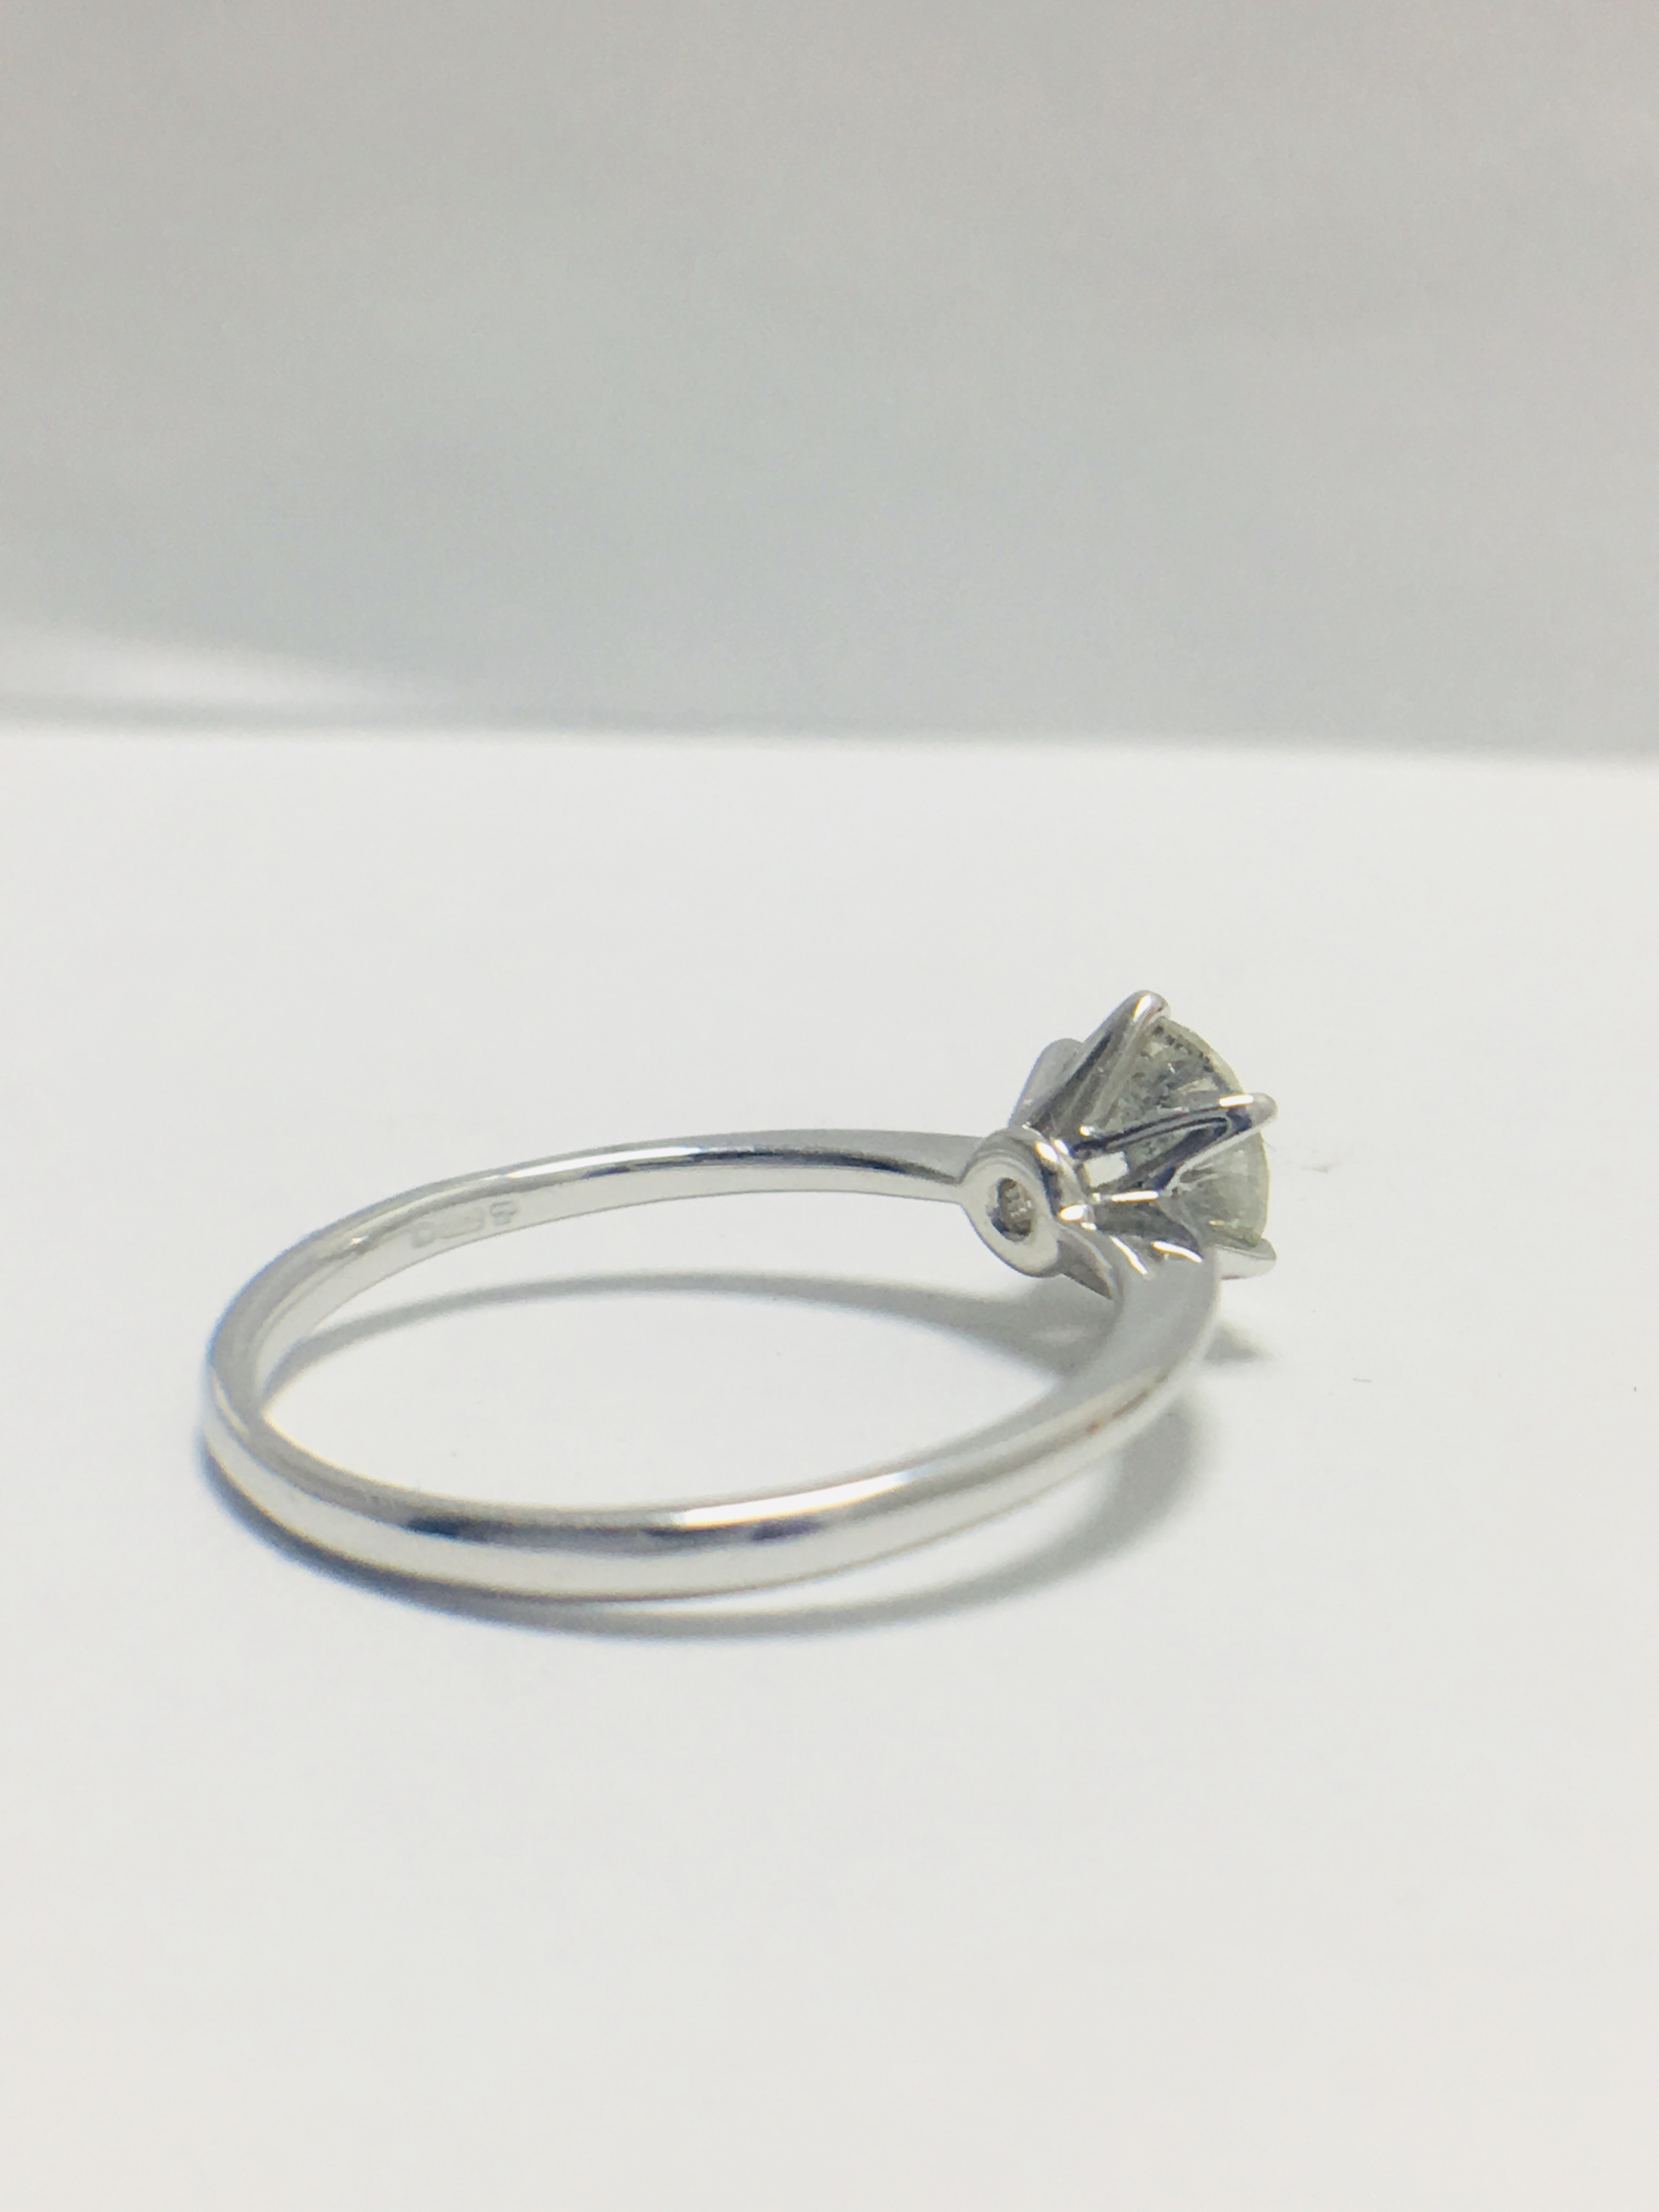 1ct platinum Diamond solitaire ring - Image 5 of 10